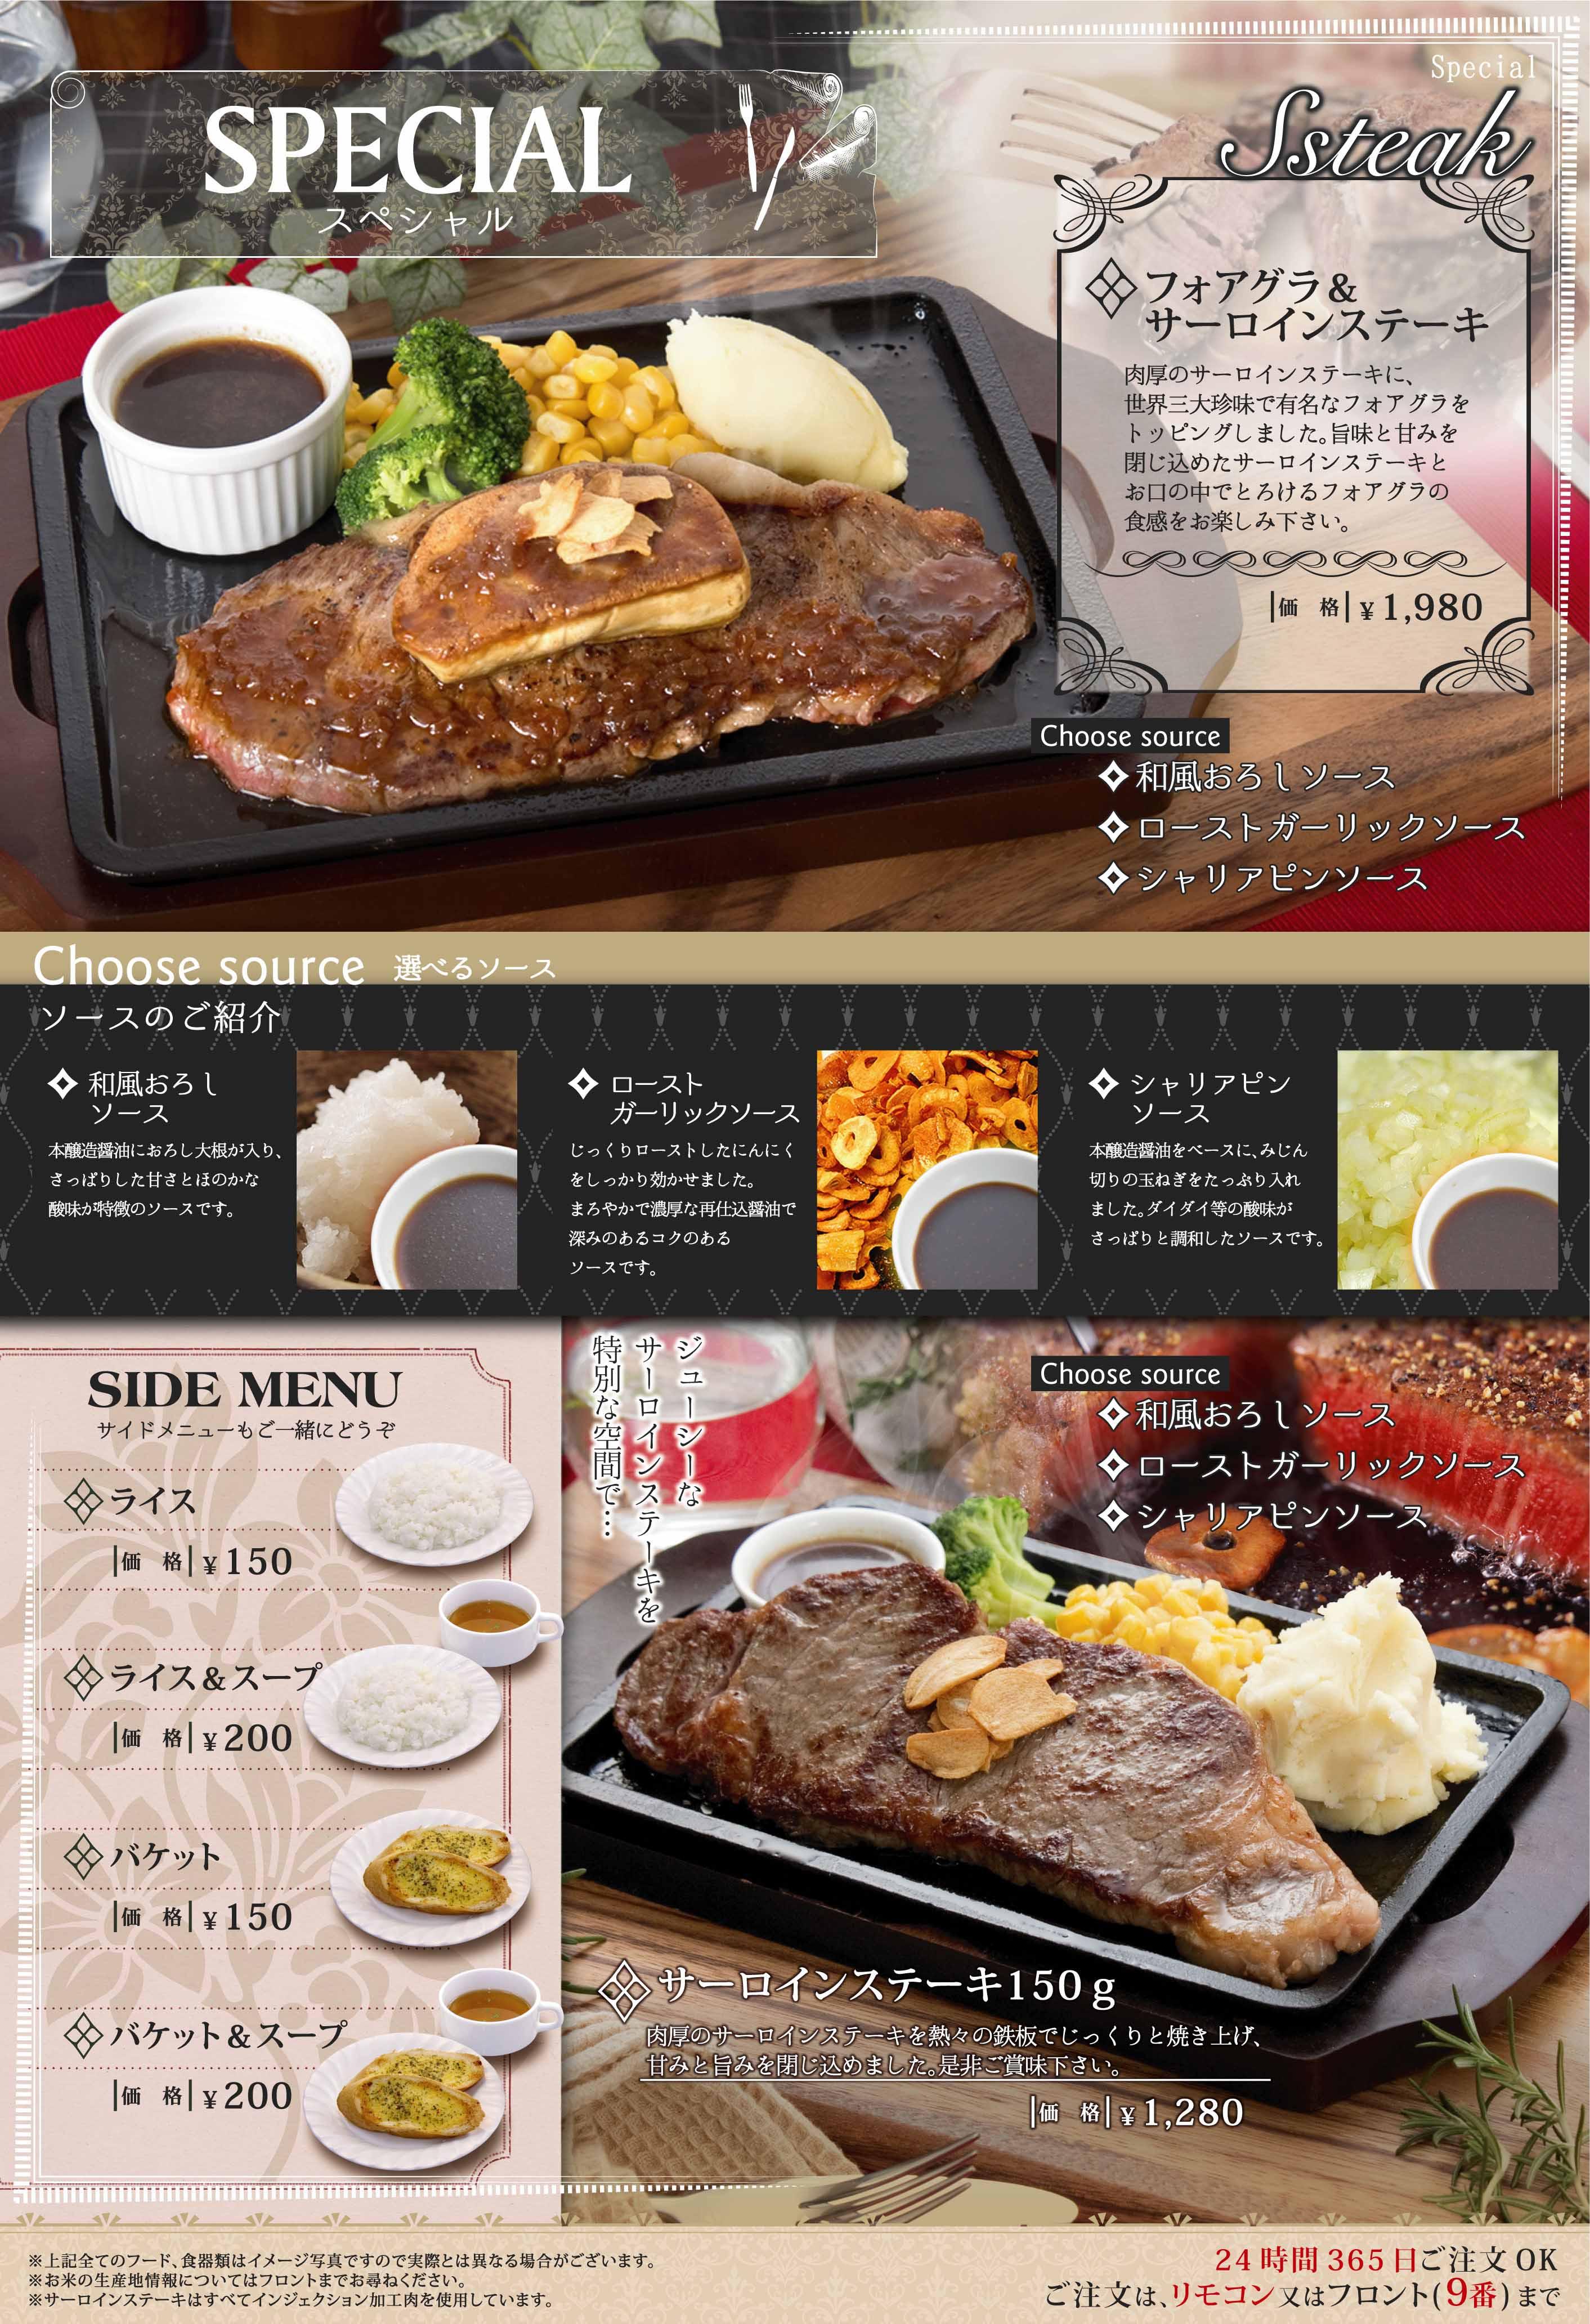 ハンバーグ/ステーキ